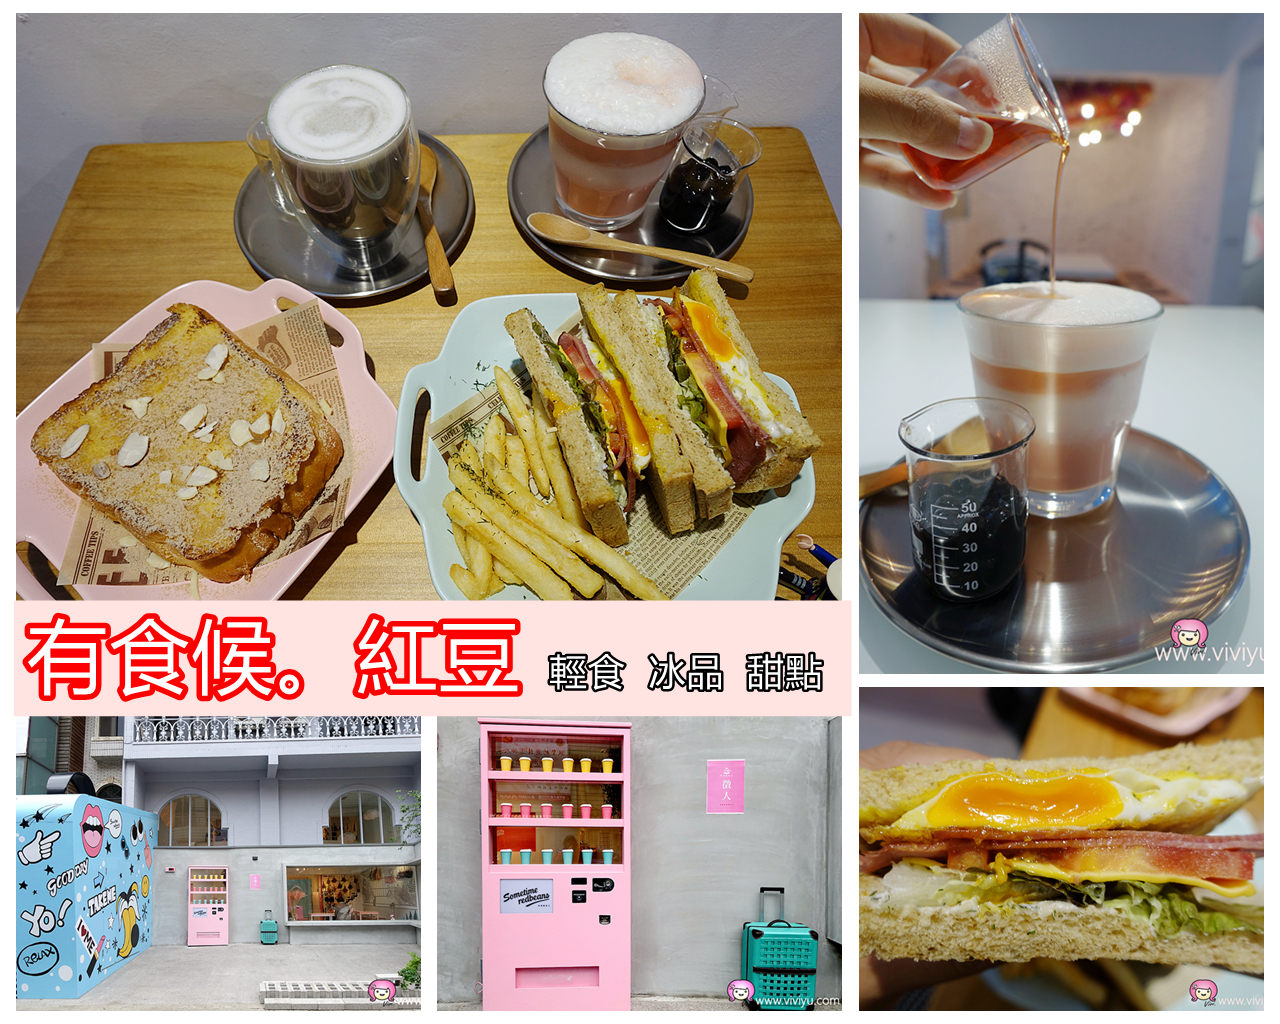 [桃園美食]藝文特區美食餐廳懶人包|推薦甜點.下午茶.點心.排隊美食一次收錄(持續更新) @VIVIYU小世界